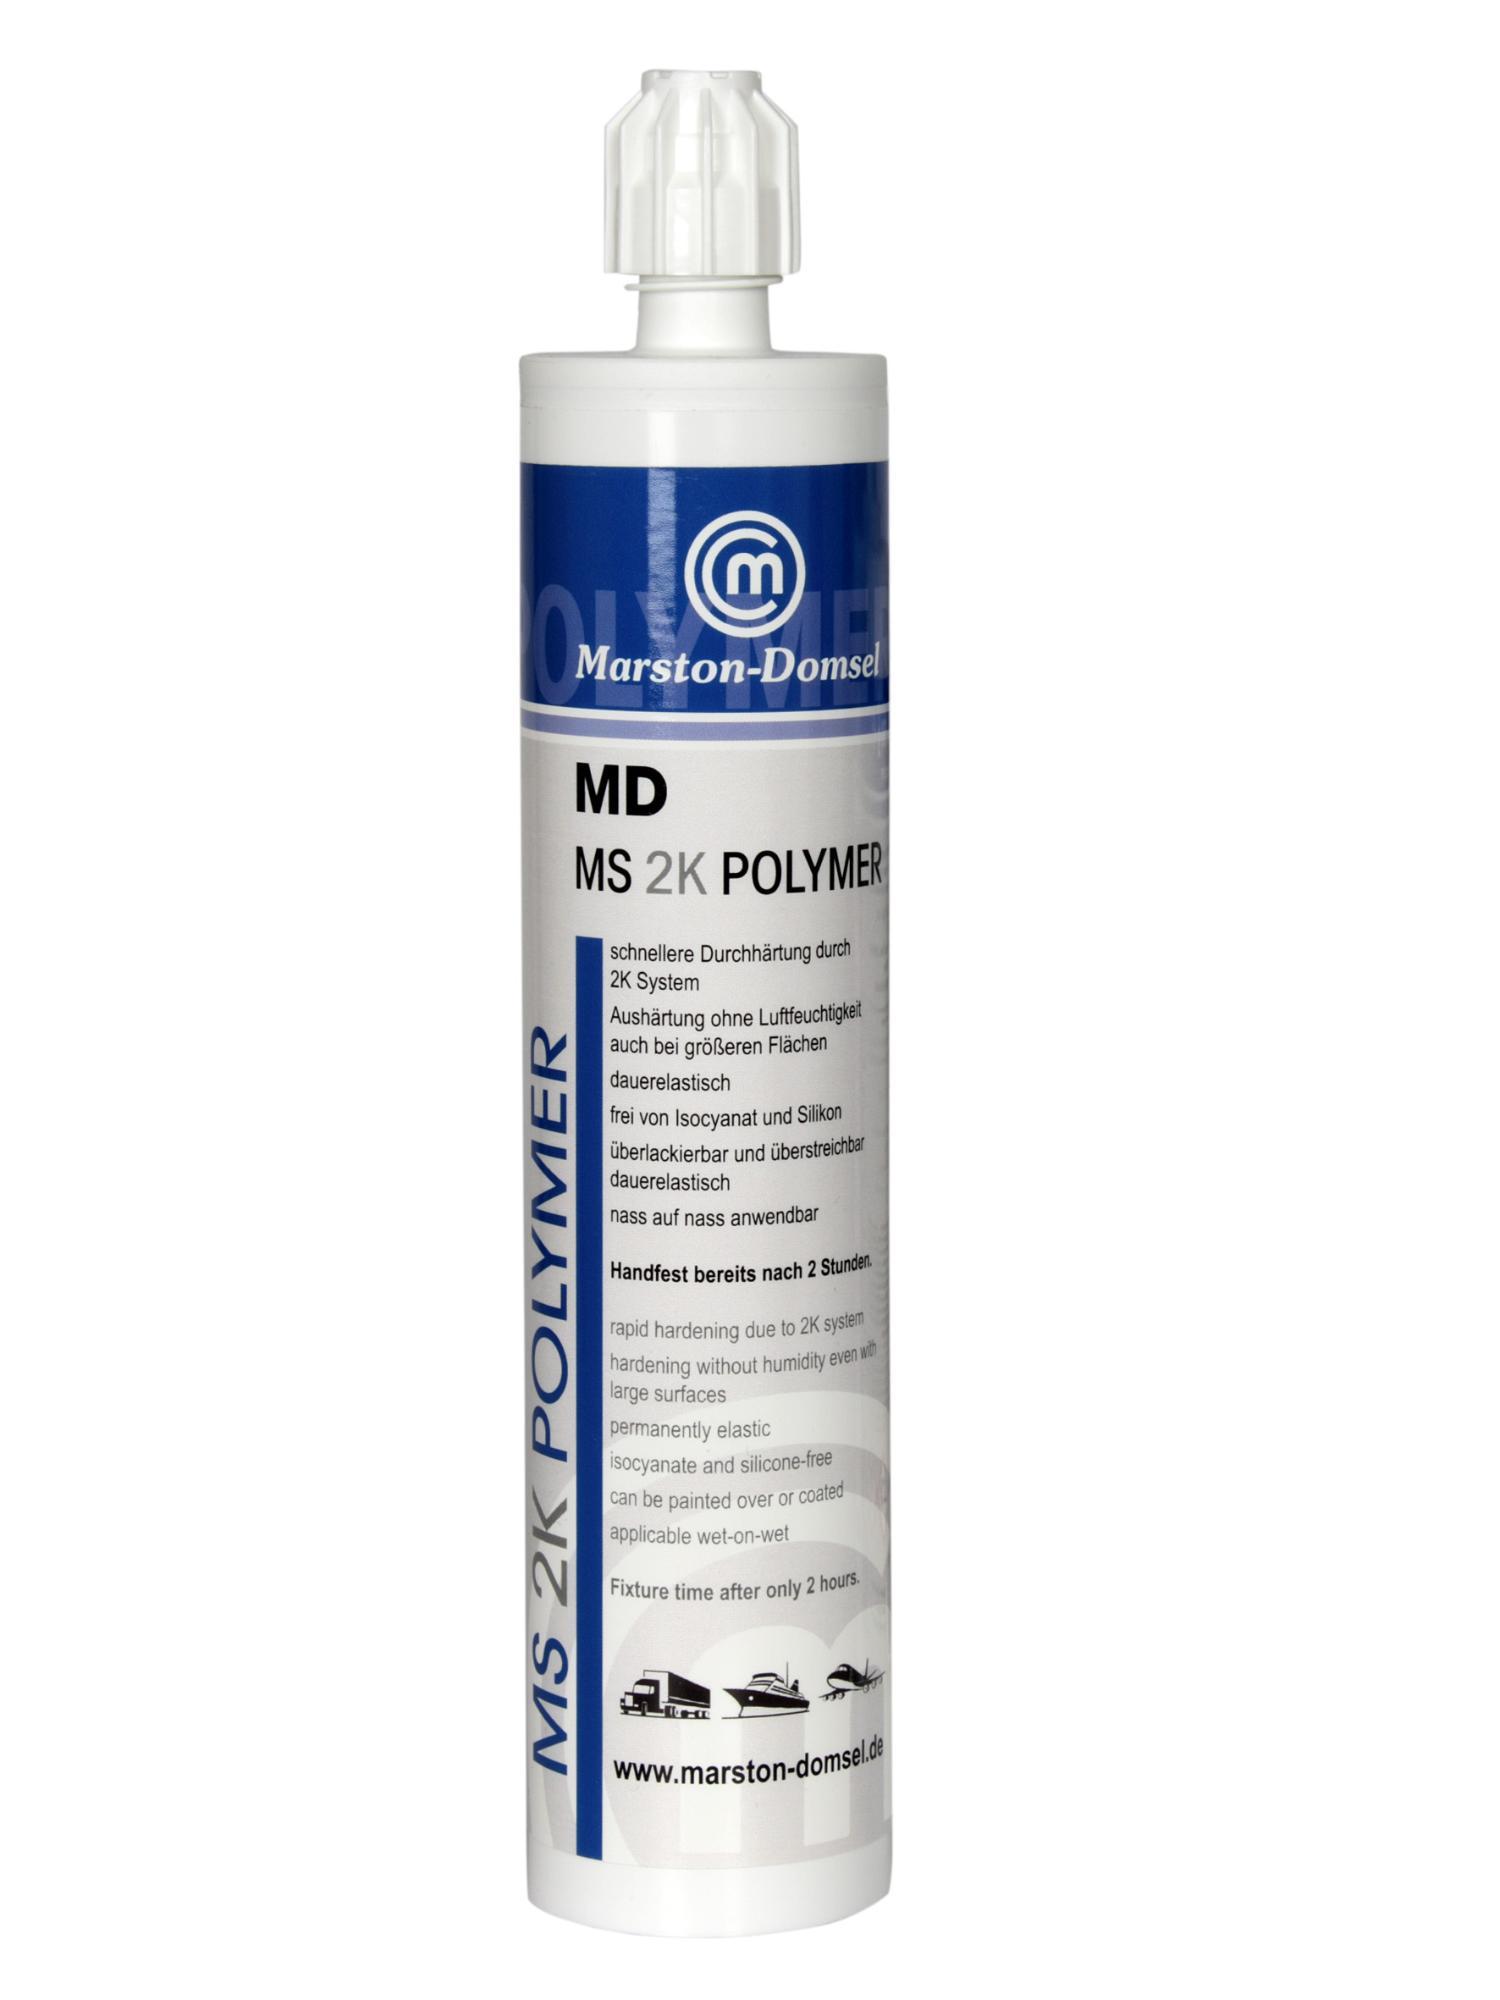 2K MS Polymer šedý kartuša 300g